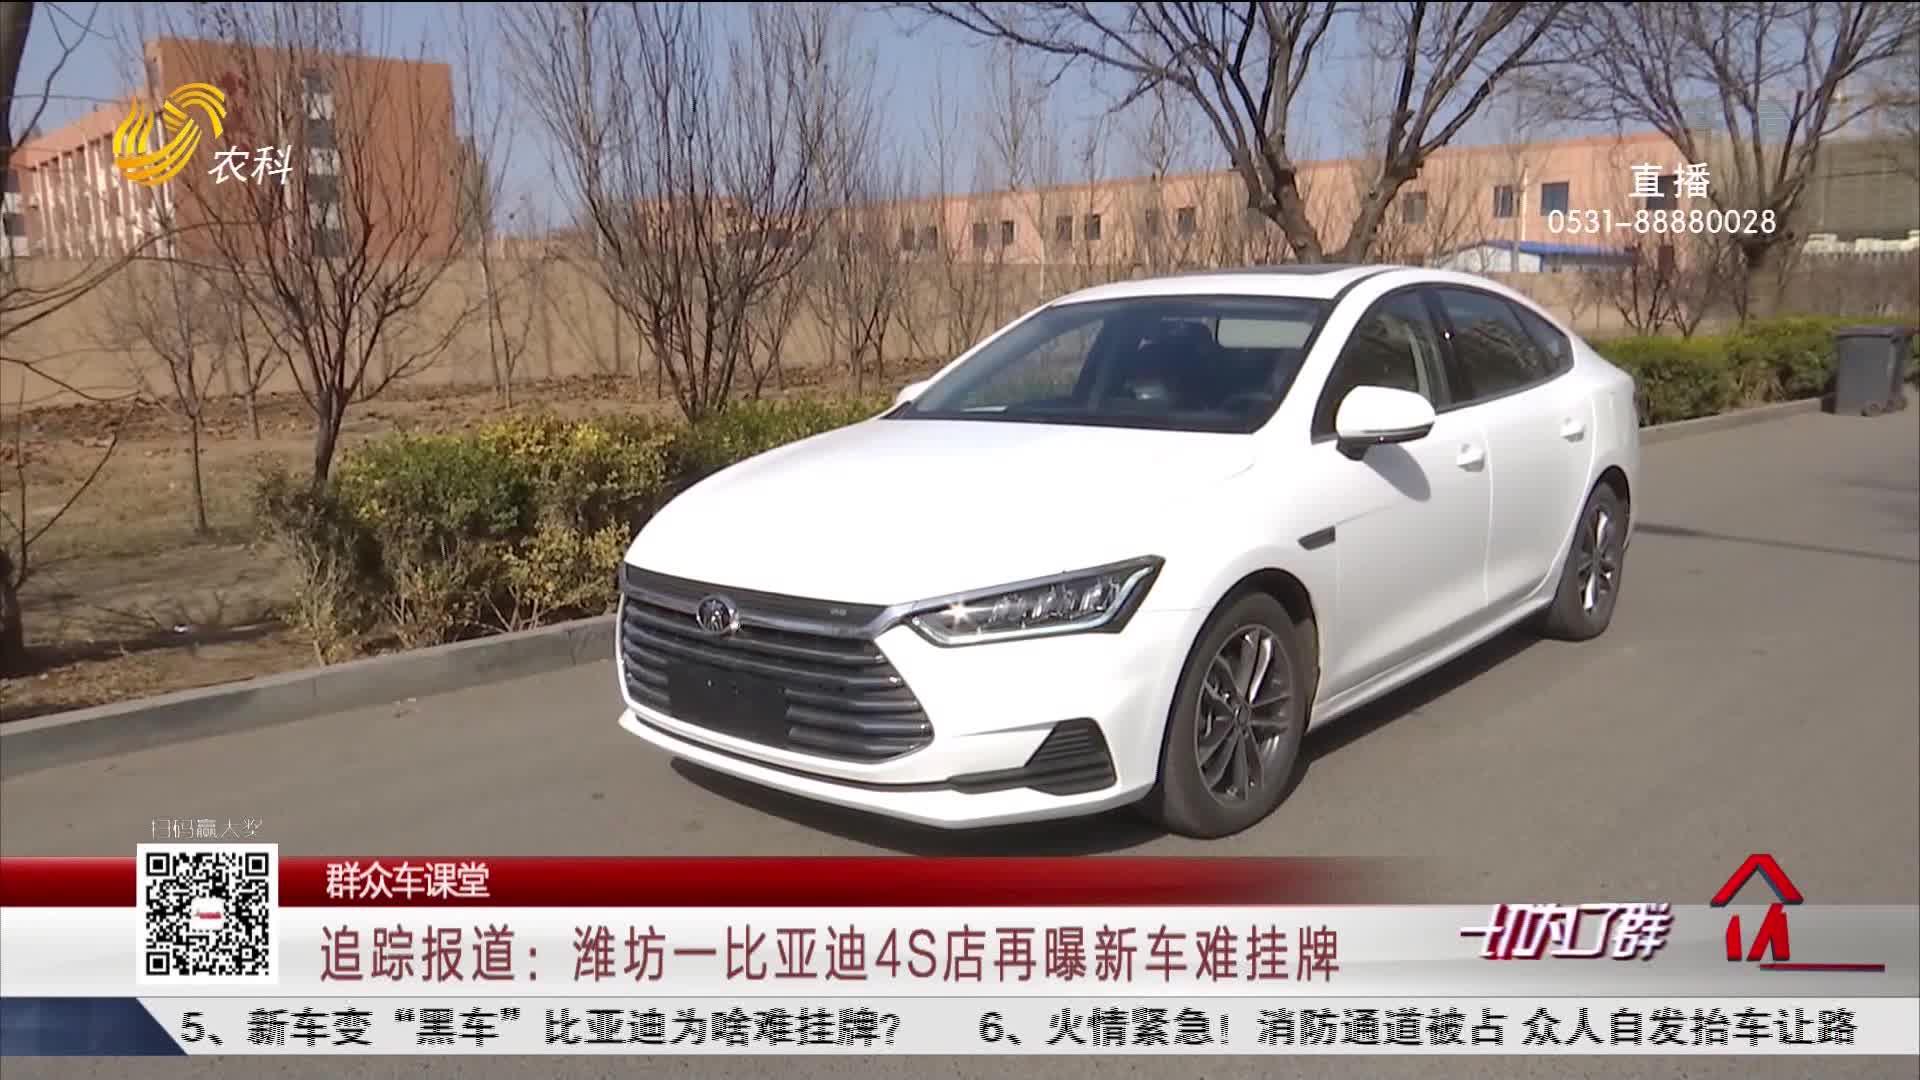 【群众车课堂】追踪报道:潍坊一比亚迪4S店再曝新车难挂牌